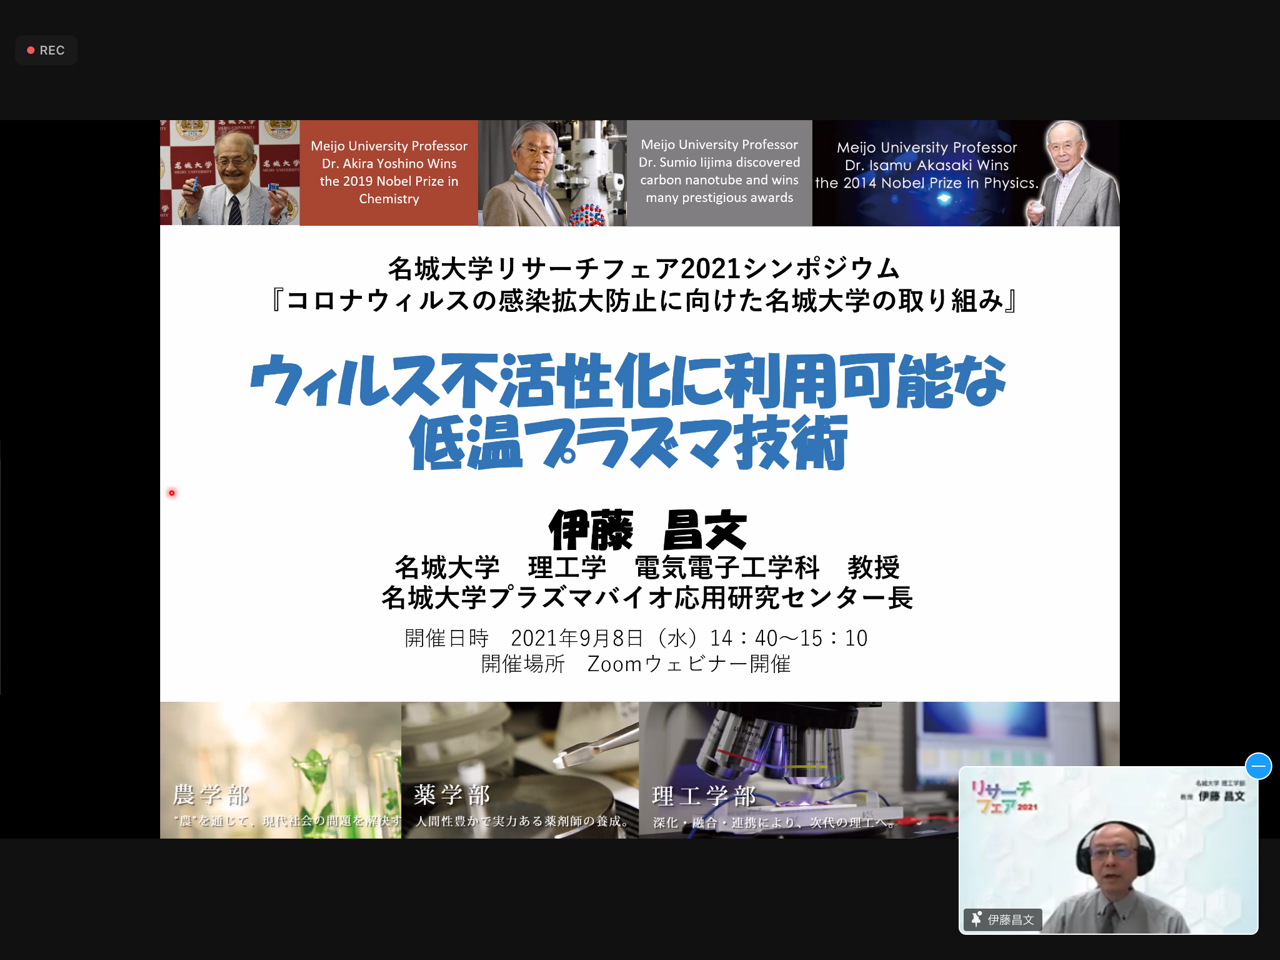 伊藤教授の発表の冒頭